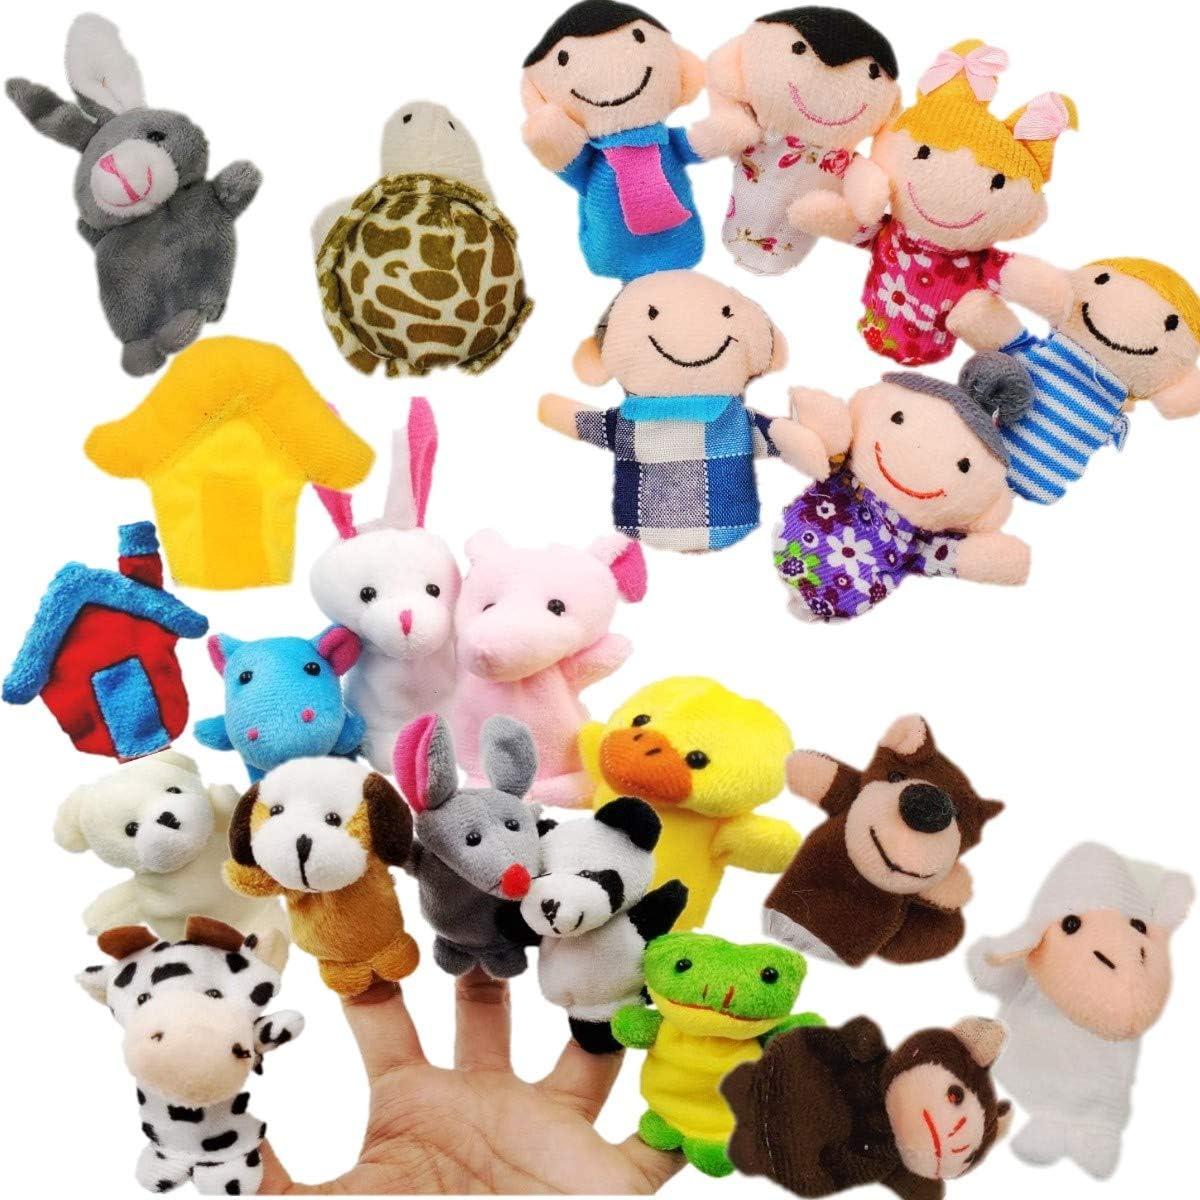 JZK Juguete Marionetas de Mano Animales Marionetas de Dedos pequeños Juguetes Peluche para niños Detalles Fiesta Regalo cumpleaños Rellenos de Bolsas de Fiesta y Calcetines